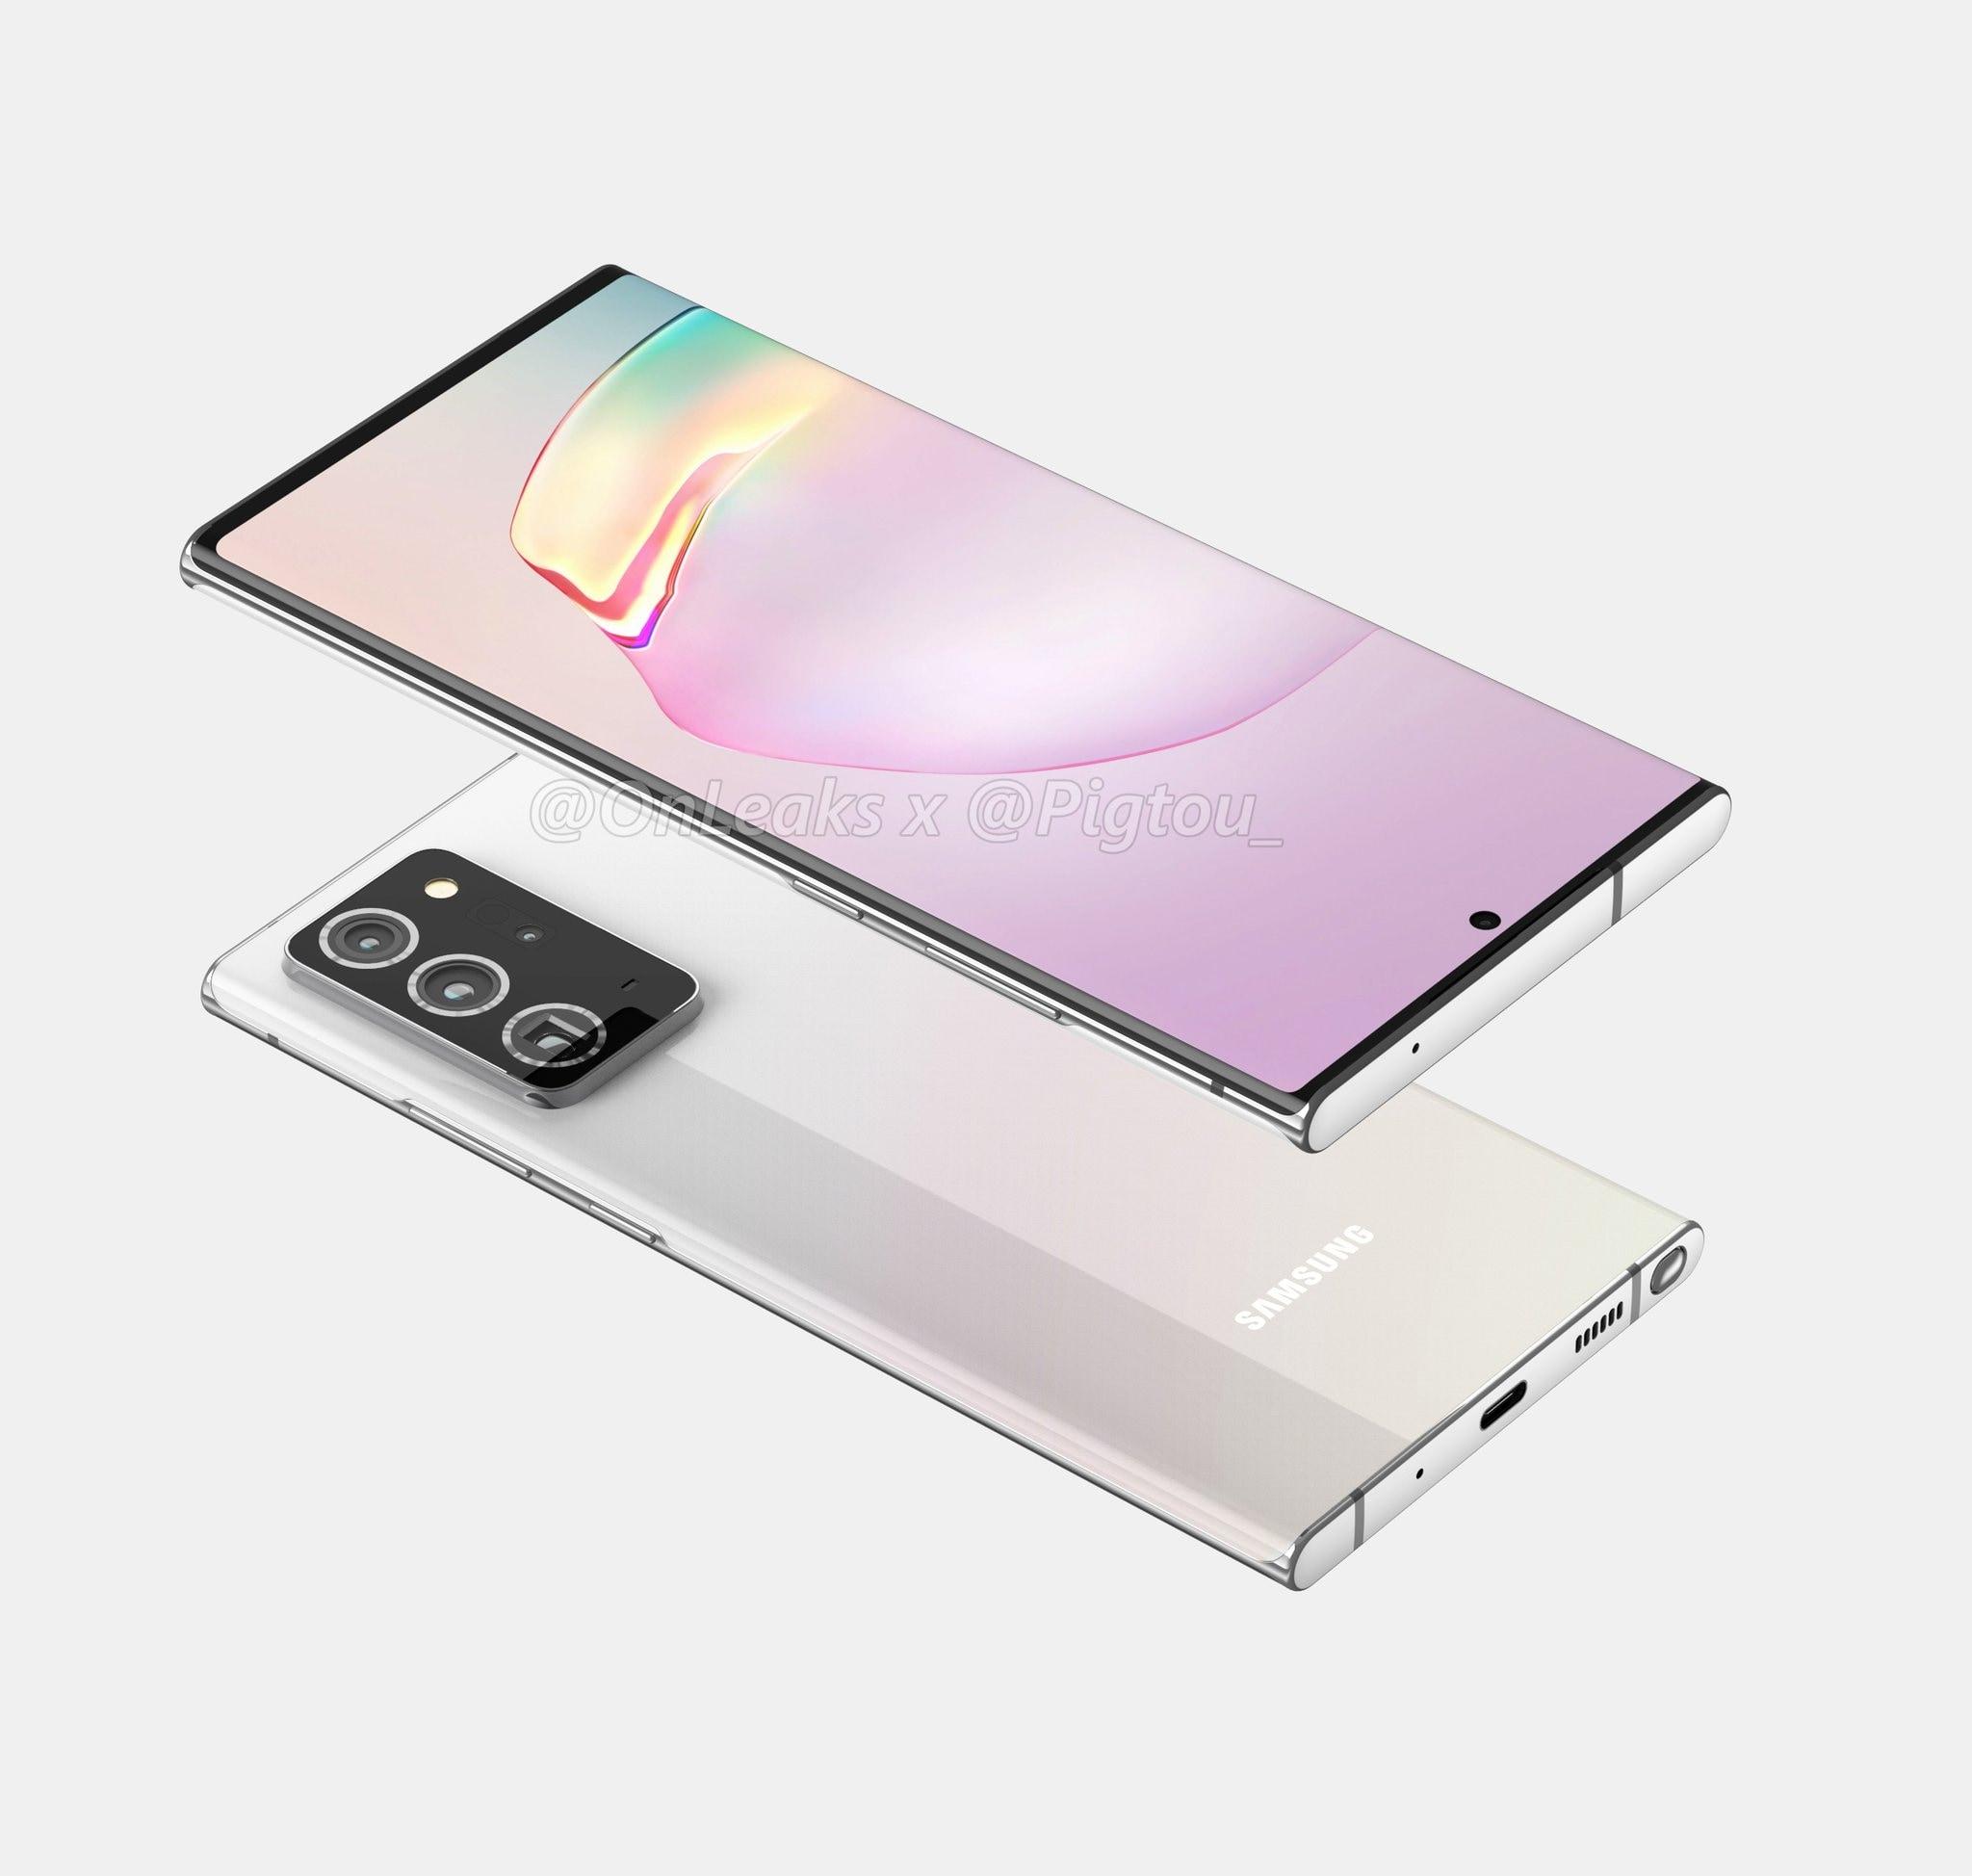 Ancora conferme su Galaxy Note 20 Ultra: sarà lui il top della gamma, con display LTPO Quad HD+ a 120 Hz